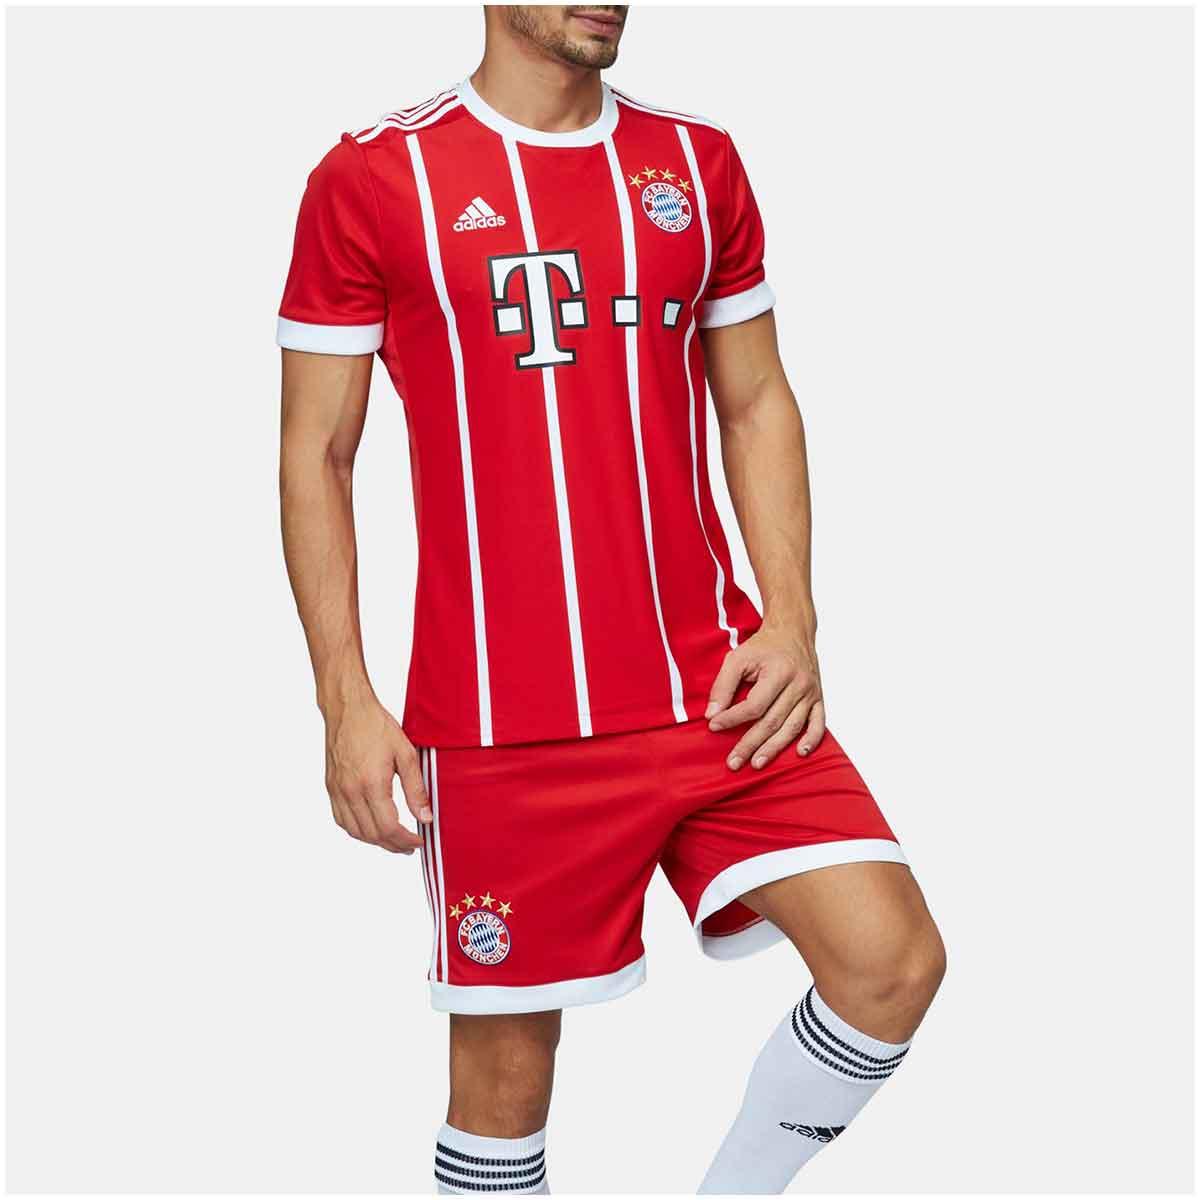 Camisa Bayern de Munique Home Adidas 2017